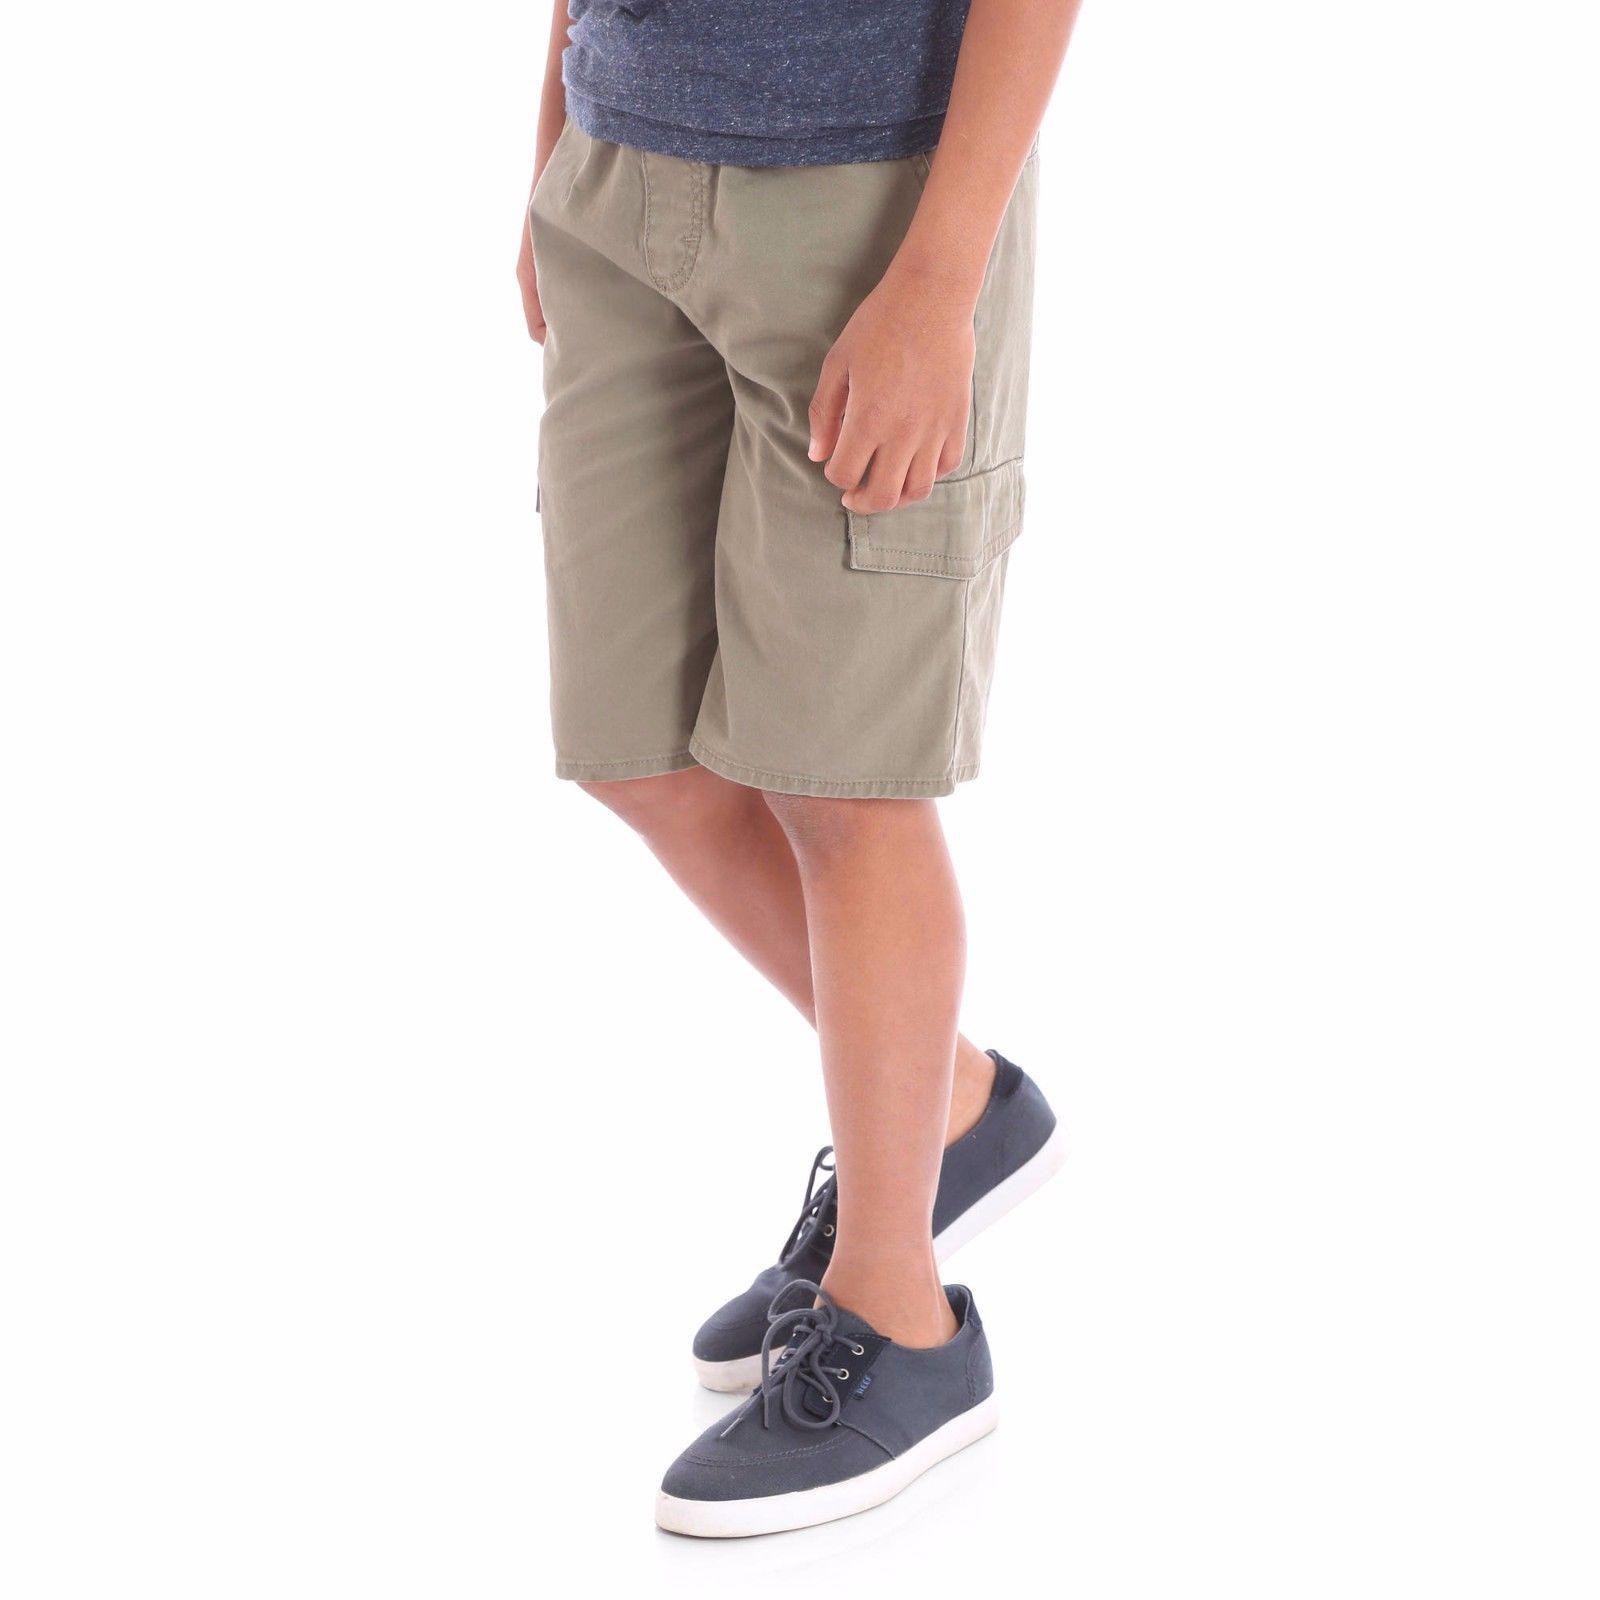 4365e02fa Wrangler Boys Cargo Jogger Shorts Active and 20 similar items. 57